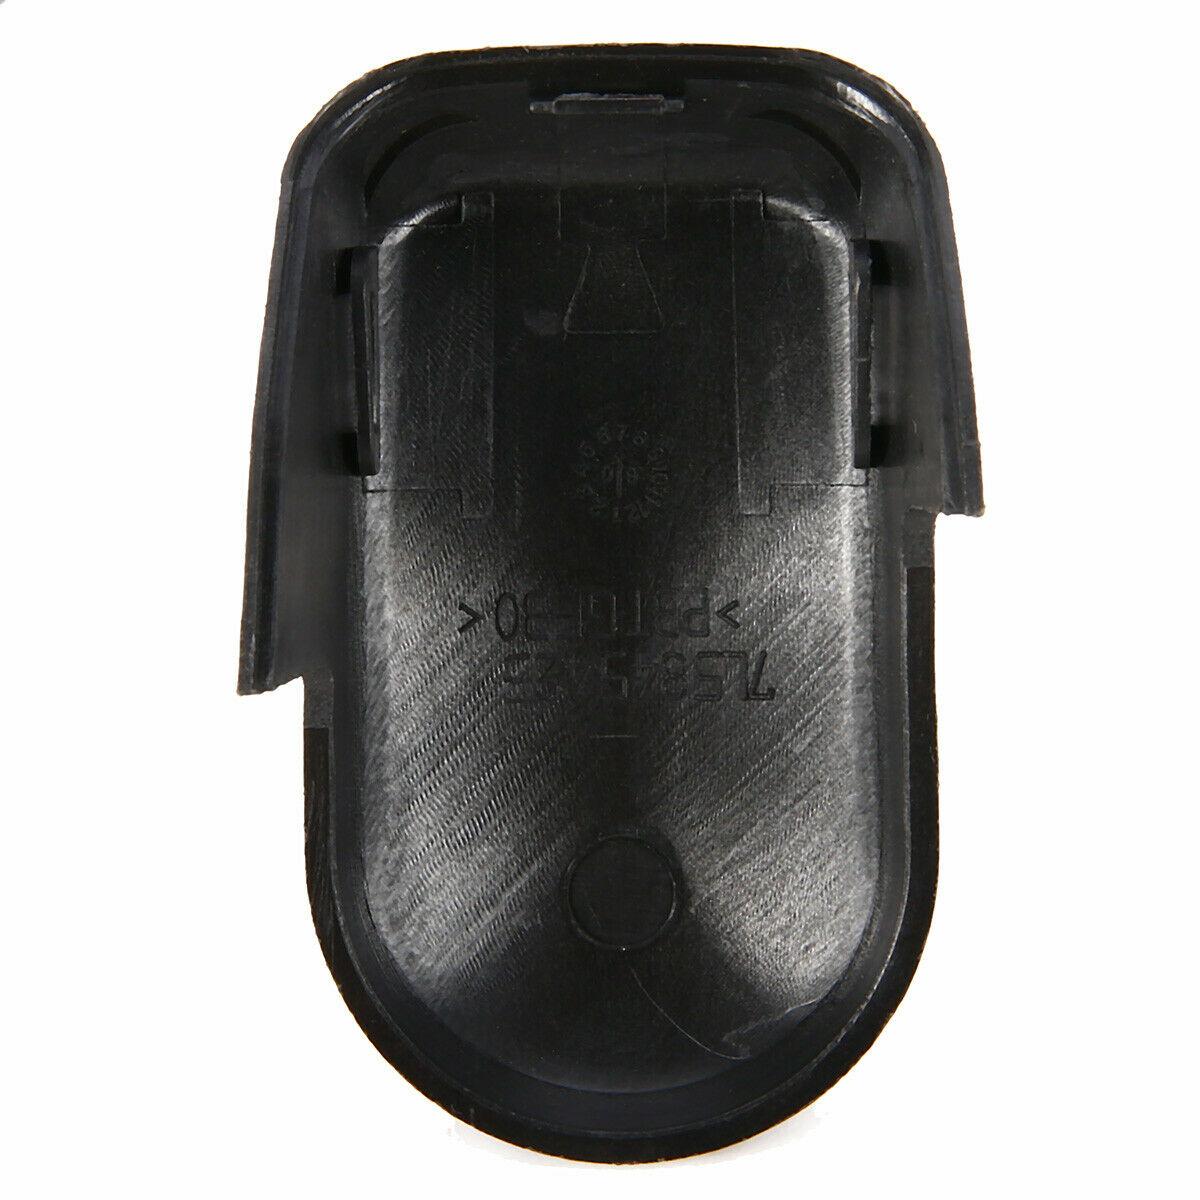 Piezas de tuerca de plástico negro cubierta de tapa para Porsche Cayenne 2003-2010 repuesto parabrisas trasero accesorios prácticos